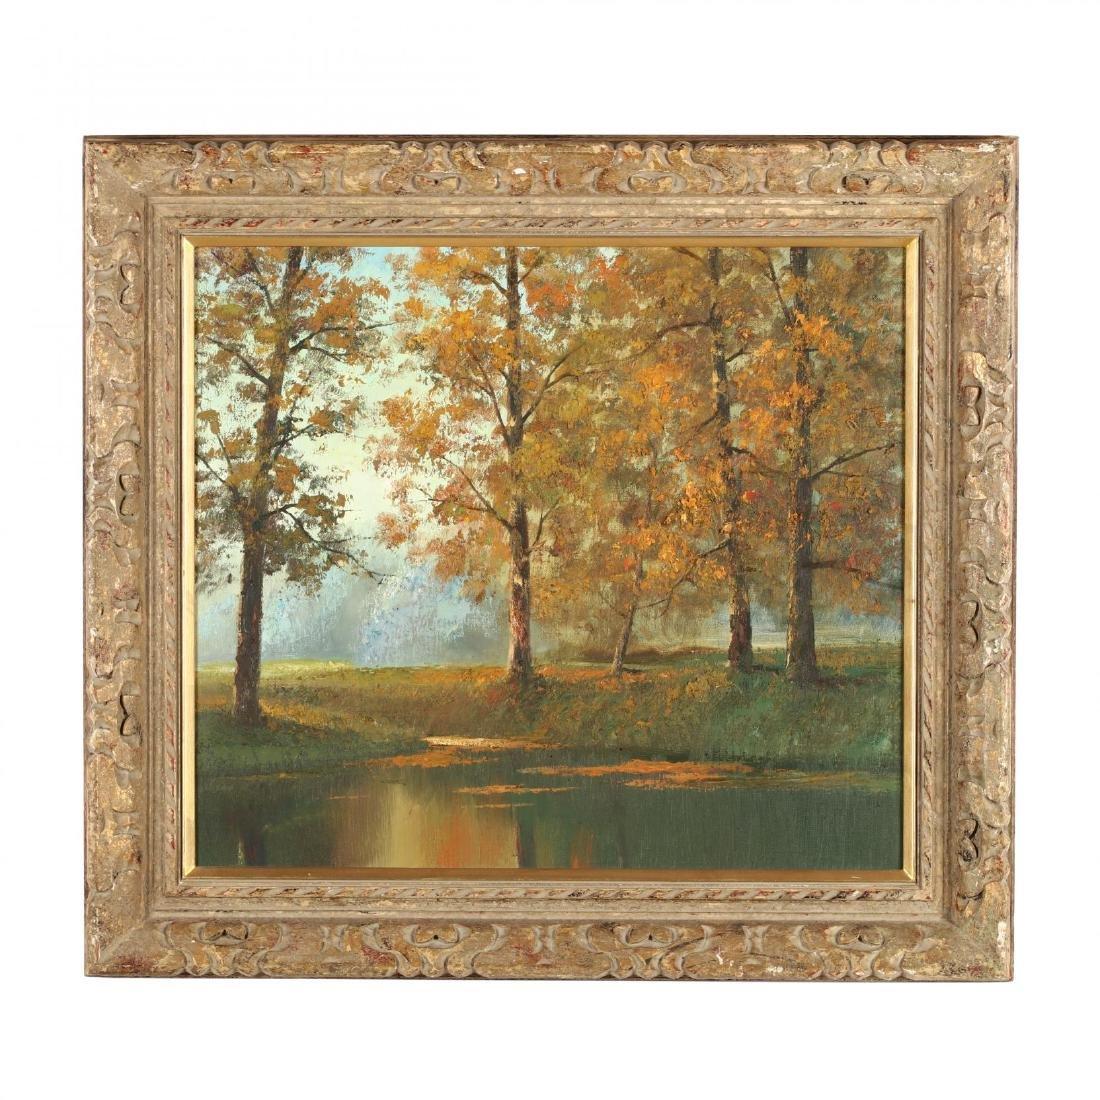 An Autumn Landscape Painting